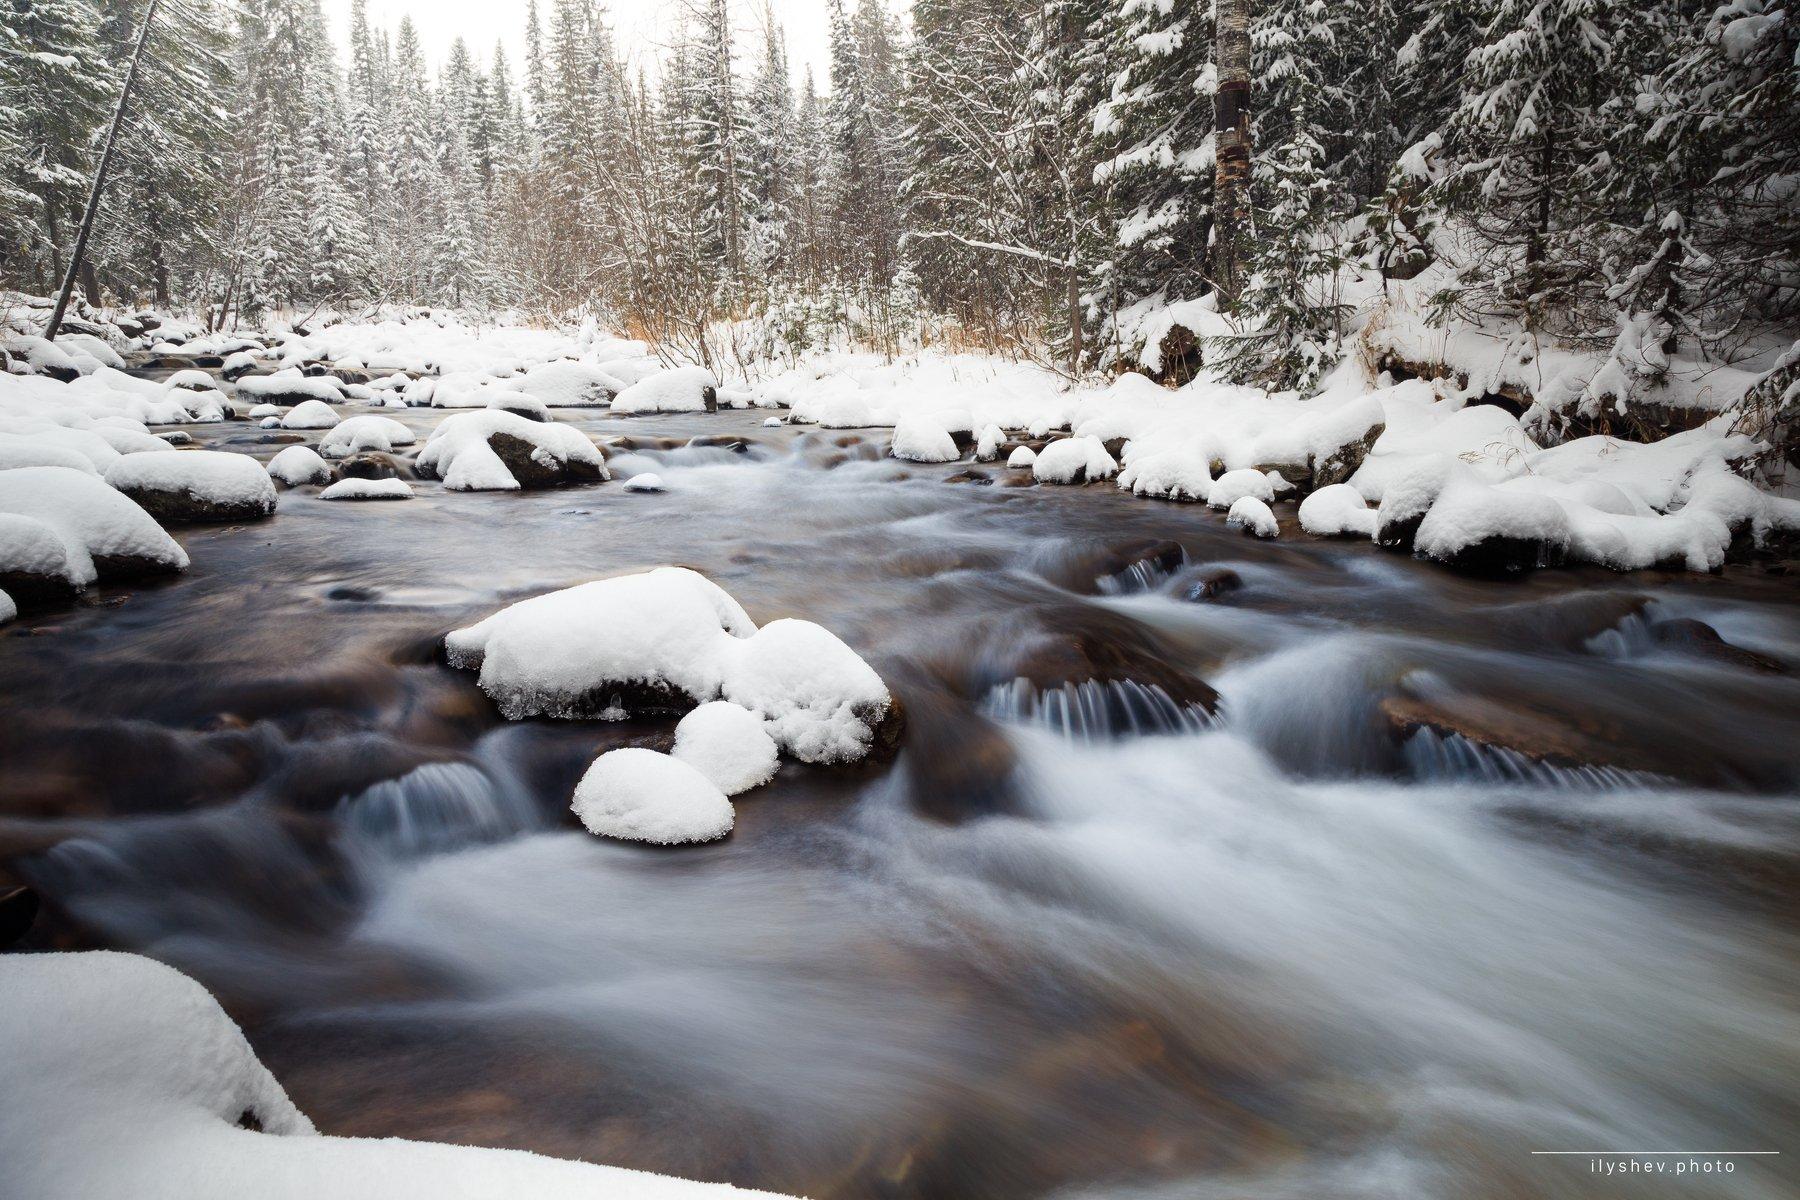 река, северный урал, природа, пейзаж, жигалан, россия, , Дмитрий Илышев